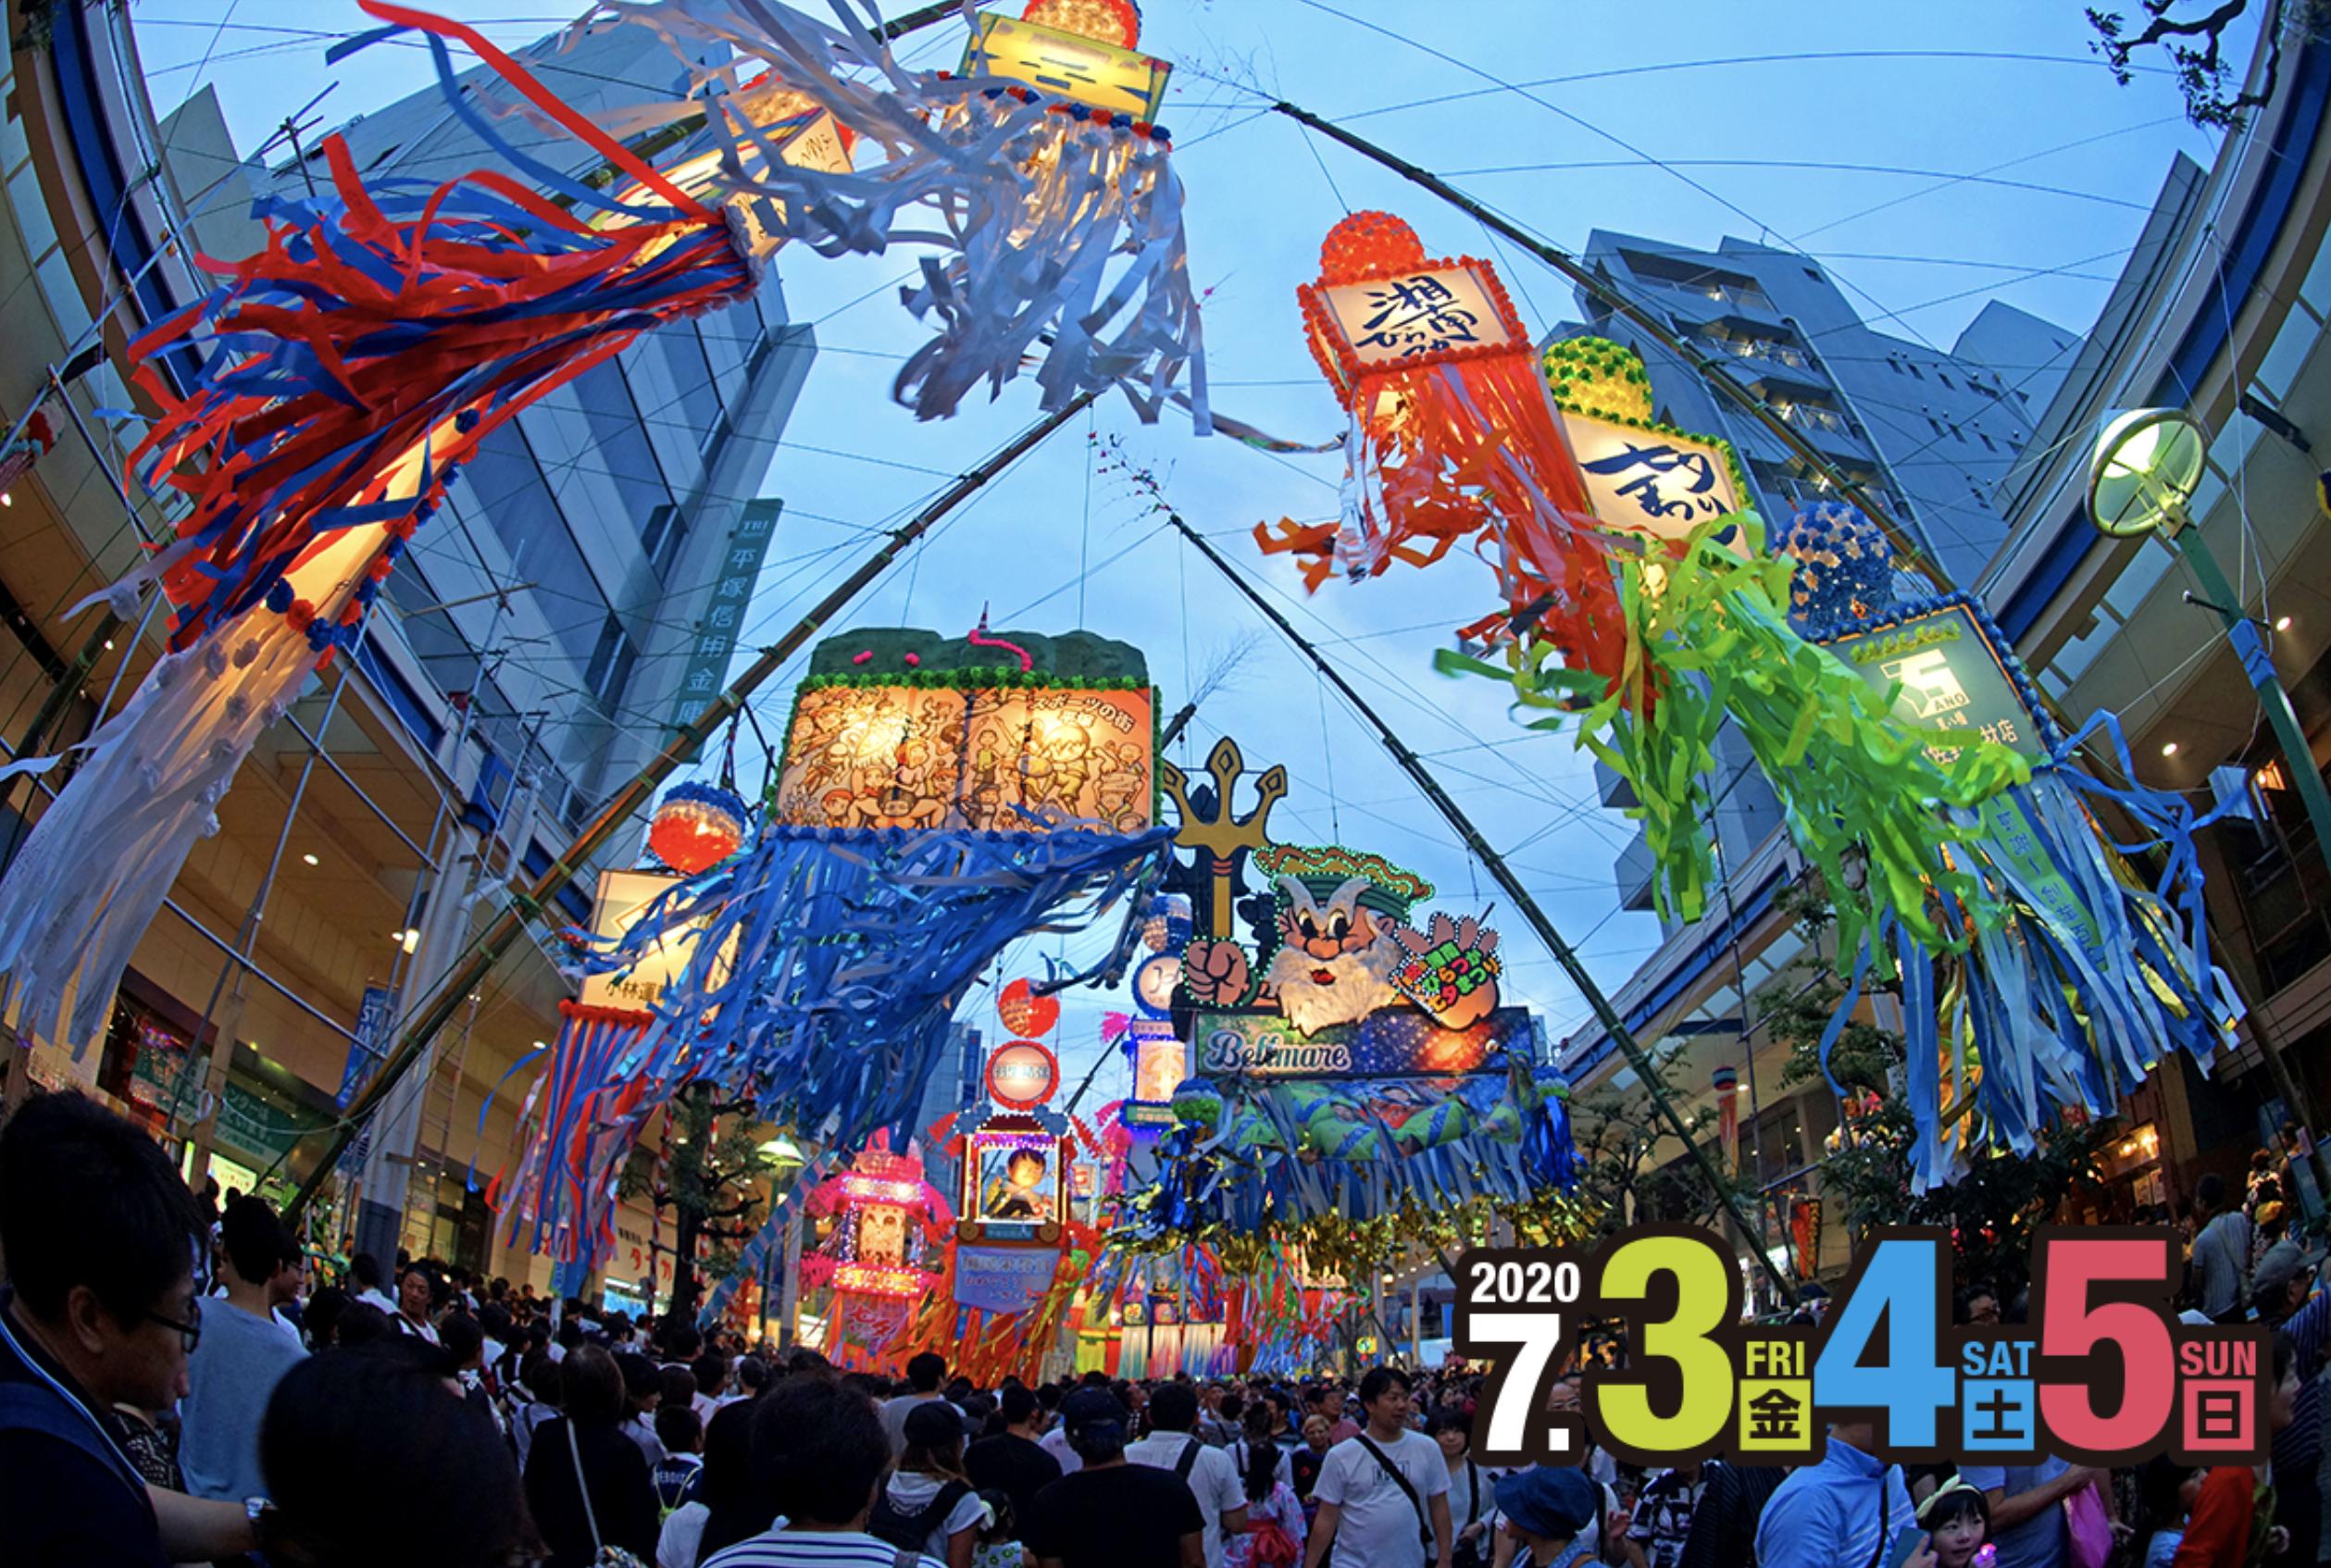 Shonan Hiratsuka Tanabata Festiva